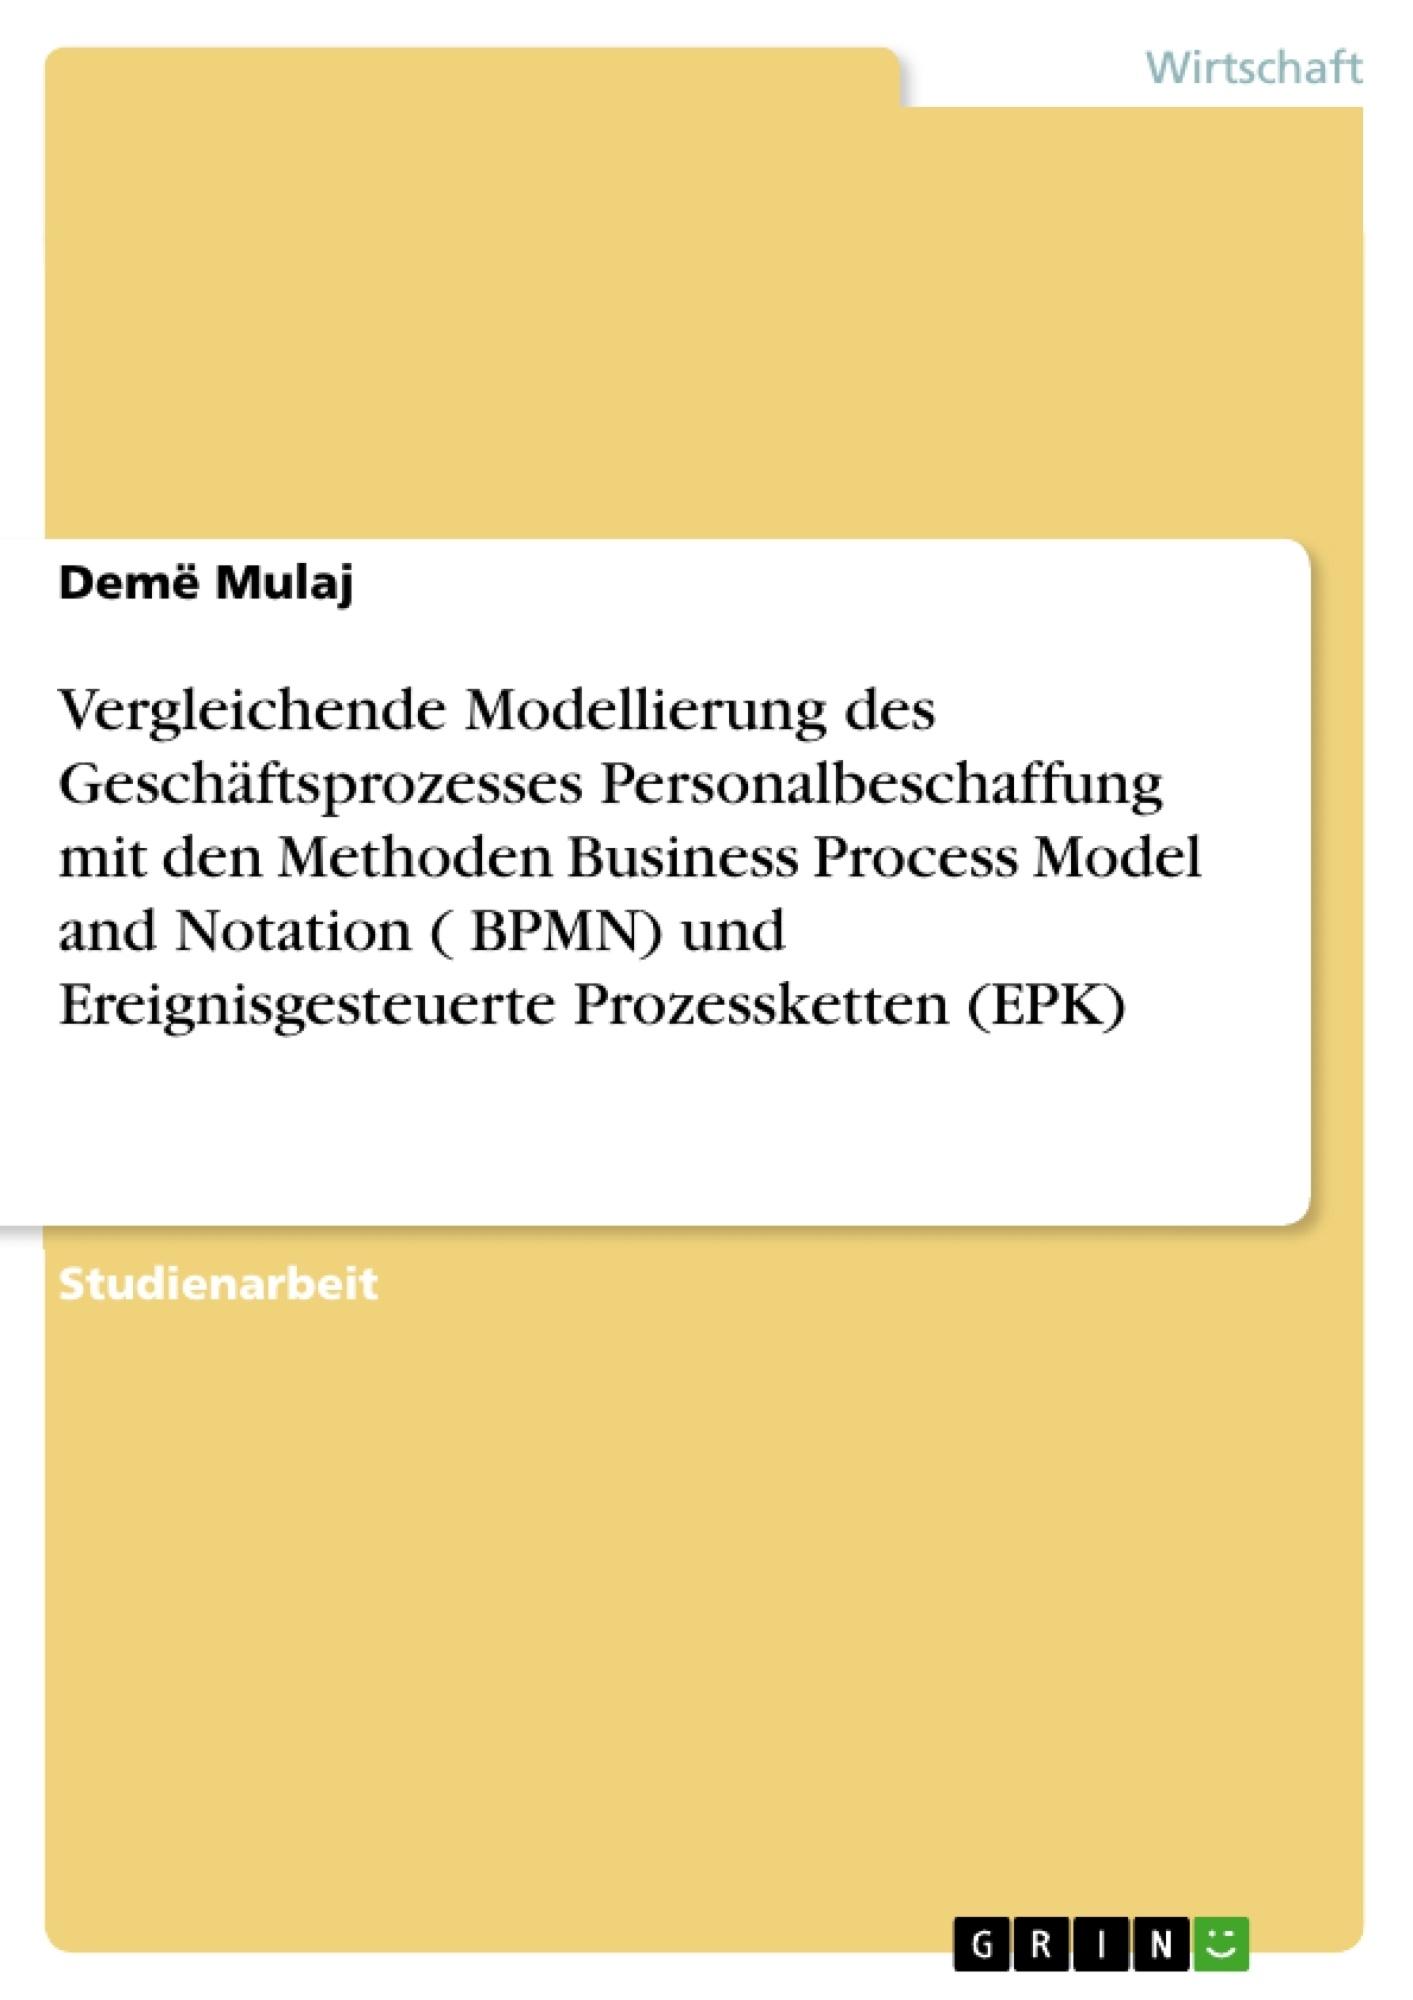 Vergleichende Modellierung des Geschäftsprozesses ... | Masterarbeit ...